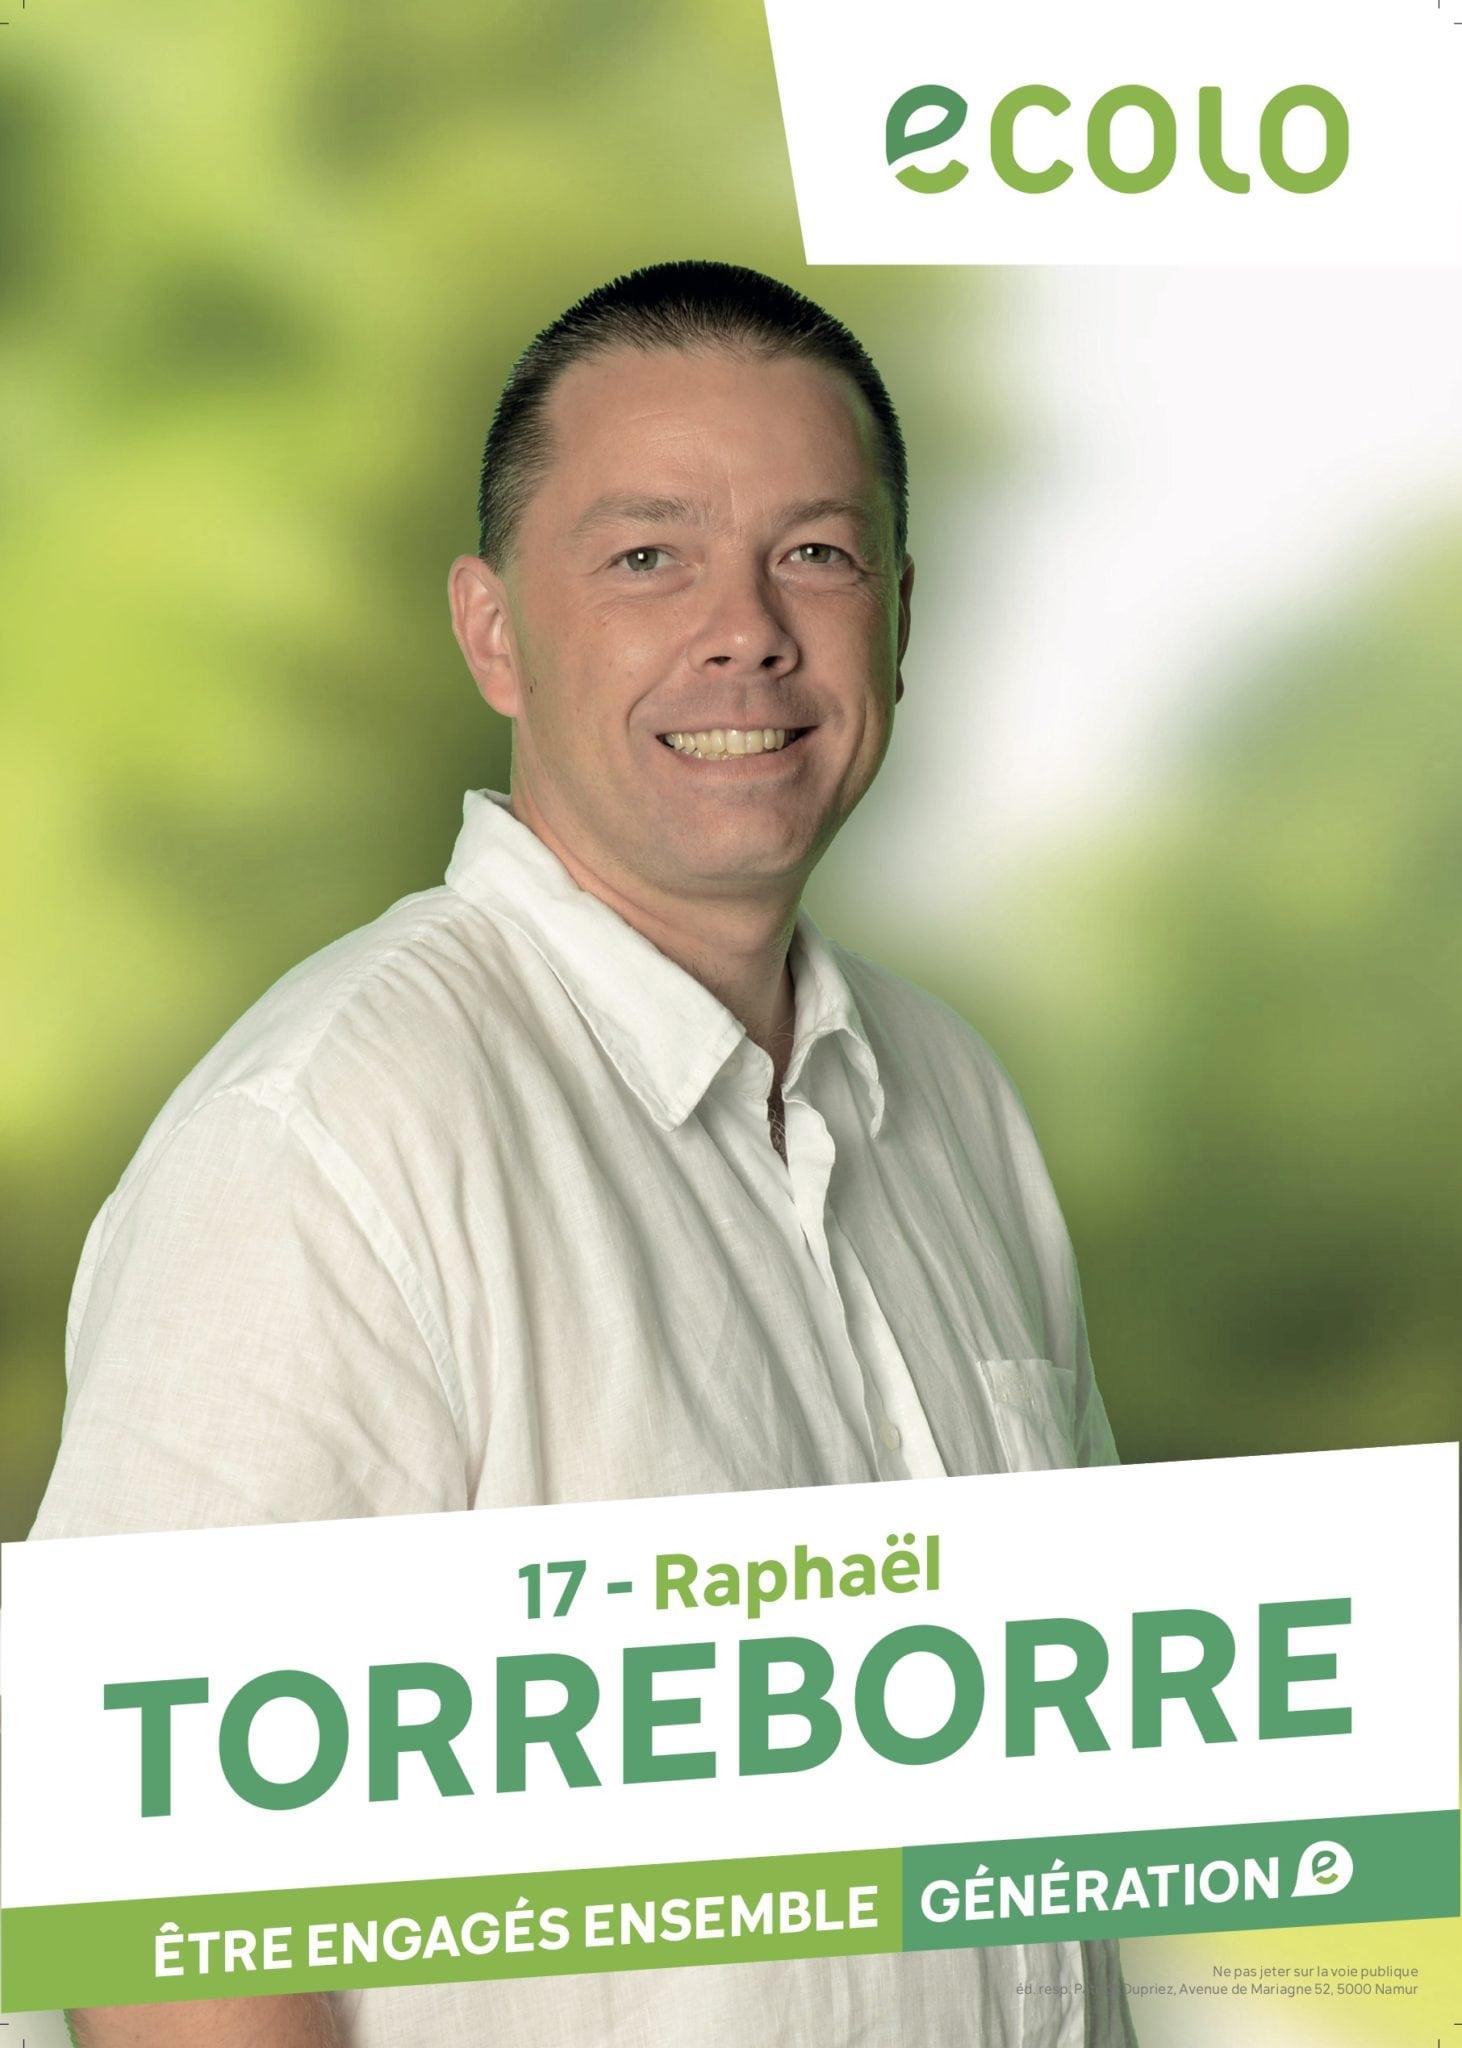 Raphaël Torreborre